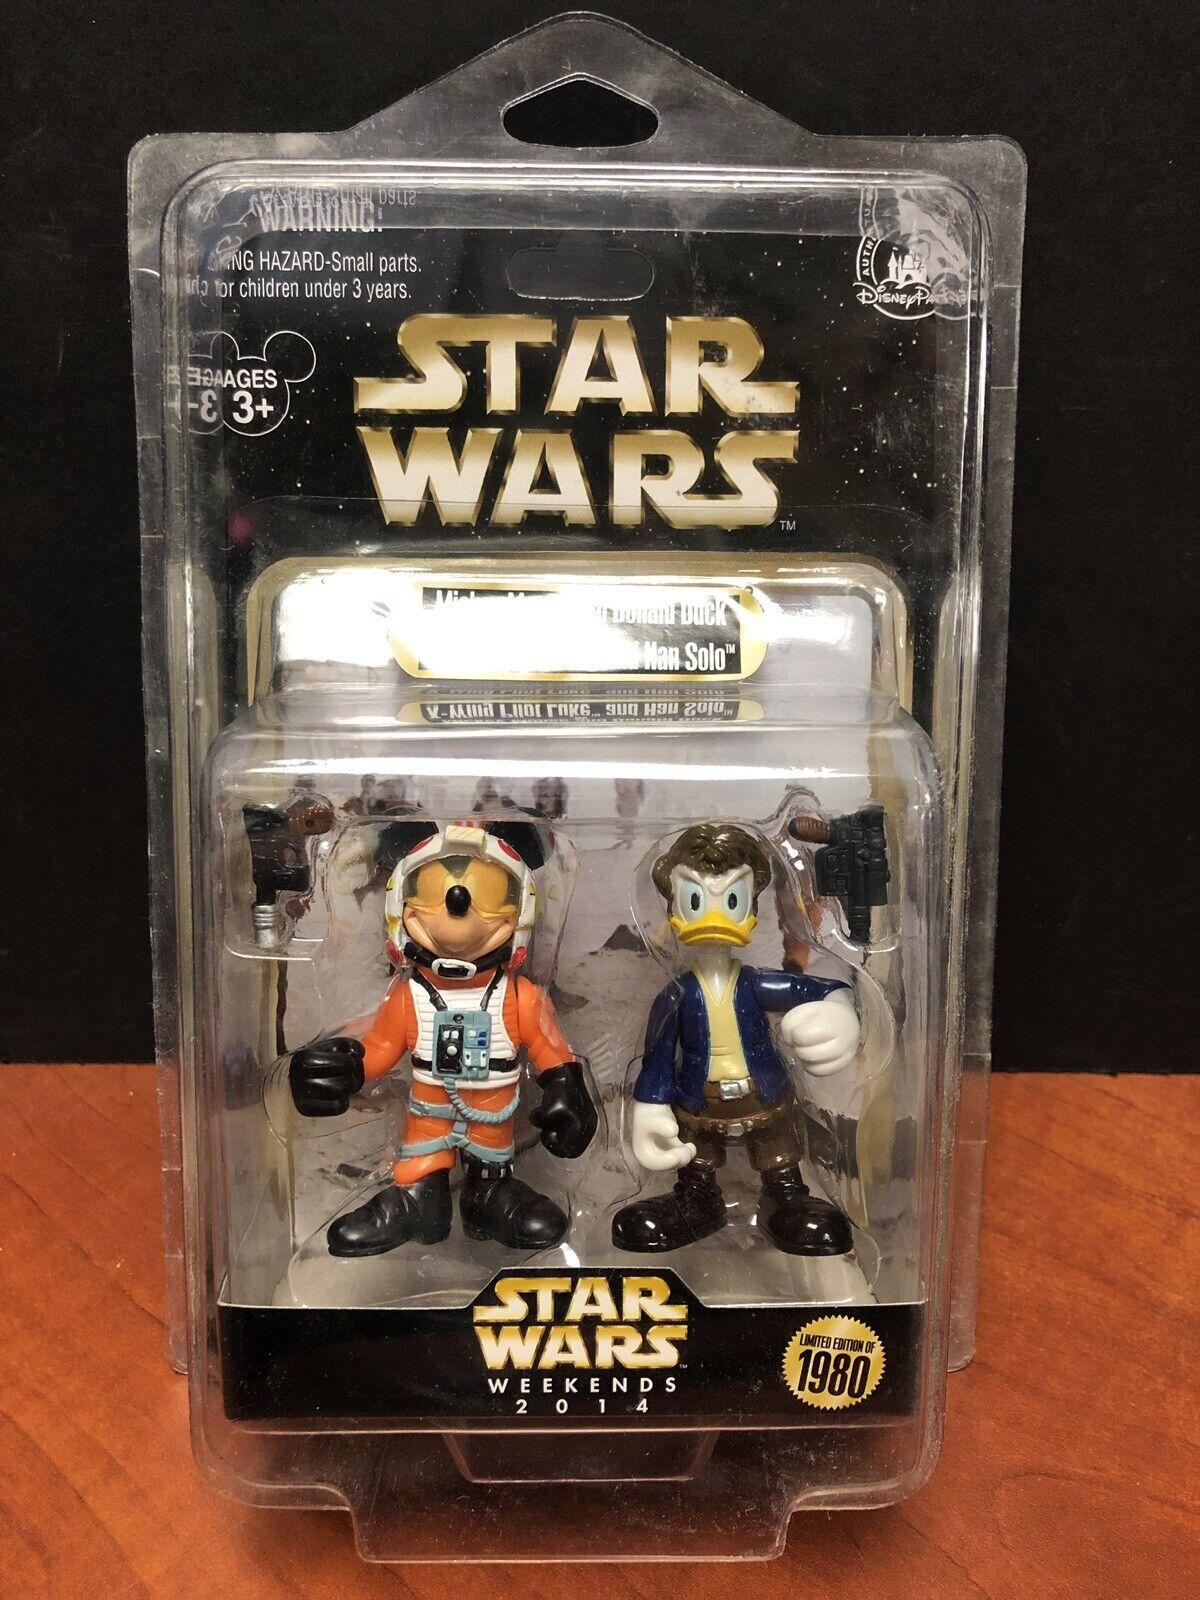 marcas de moda Estrella Wars 2014 Mickey Donald los fines de semana semana semana como Luke & Han Solo 0919 de 1980 EM2353  ventas en linea